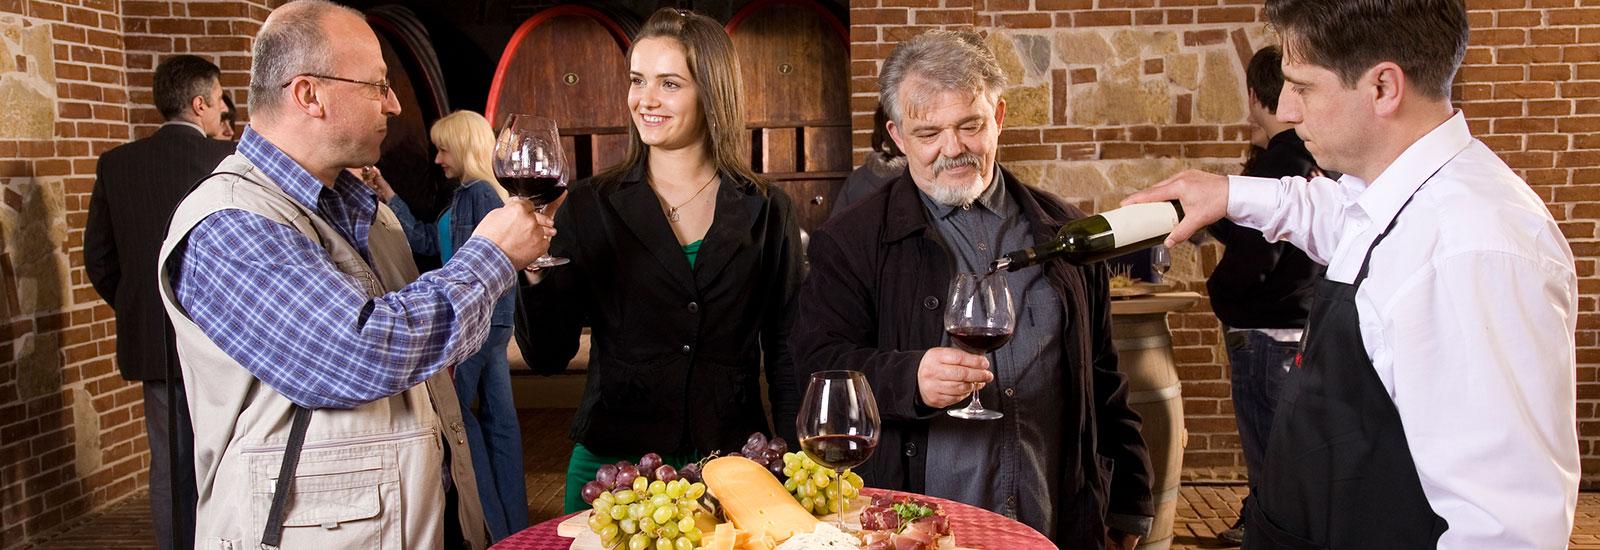 F3-theme-wine-tasting